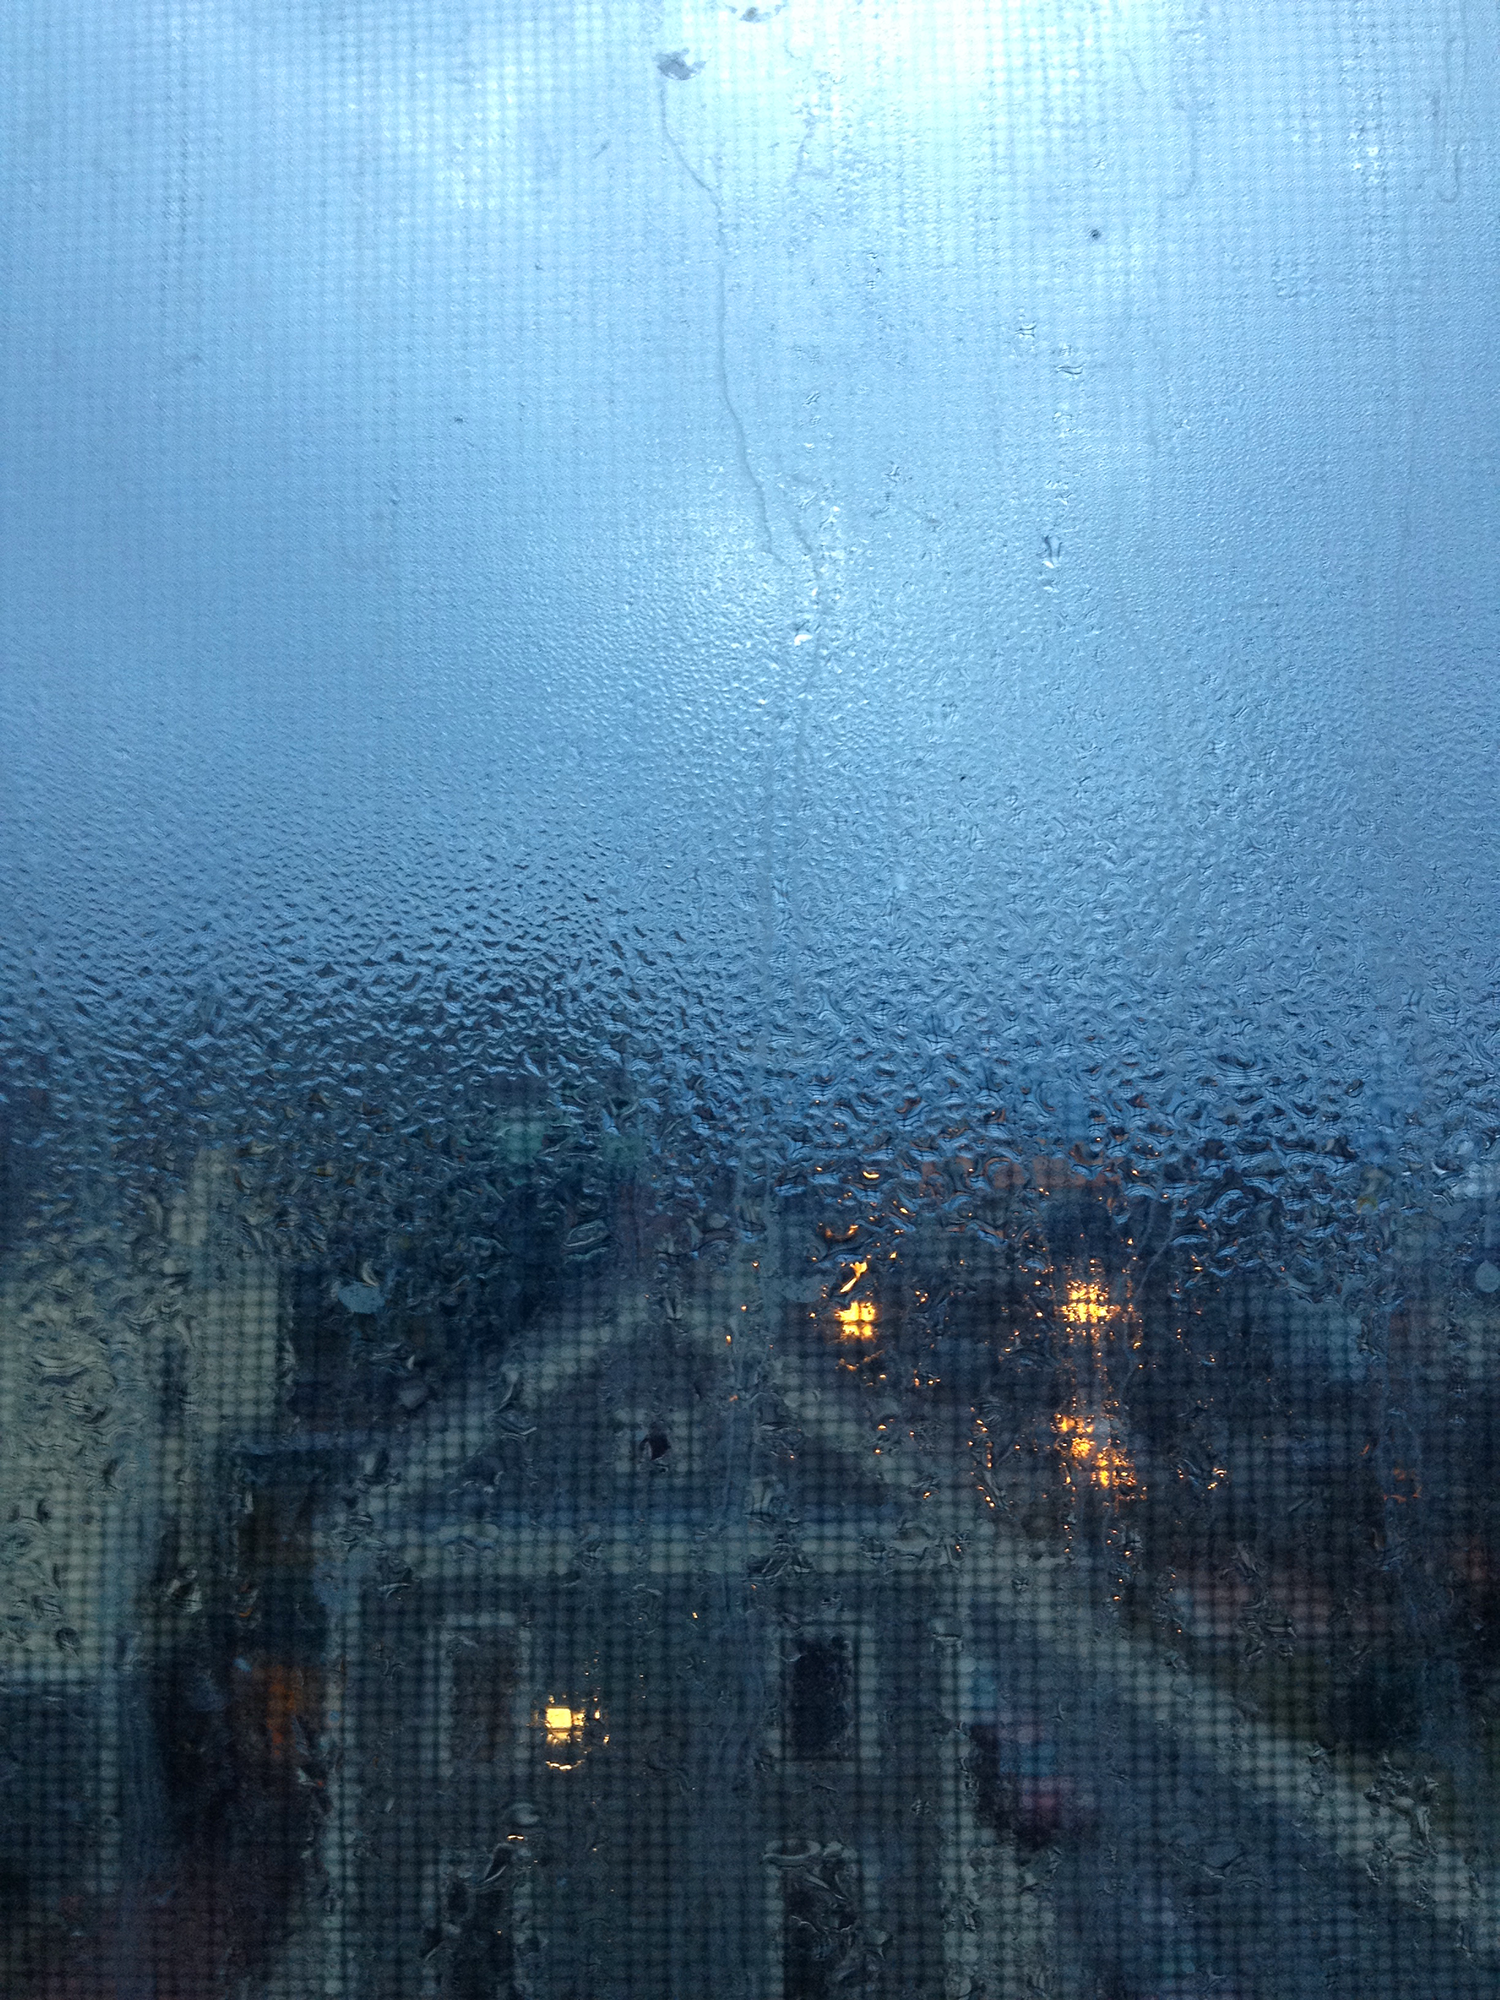 window mist 10x13.3.png